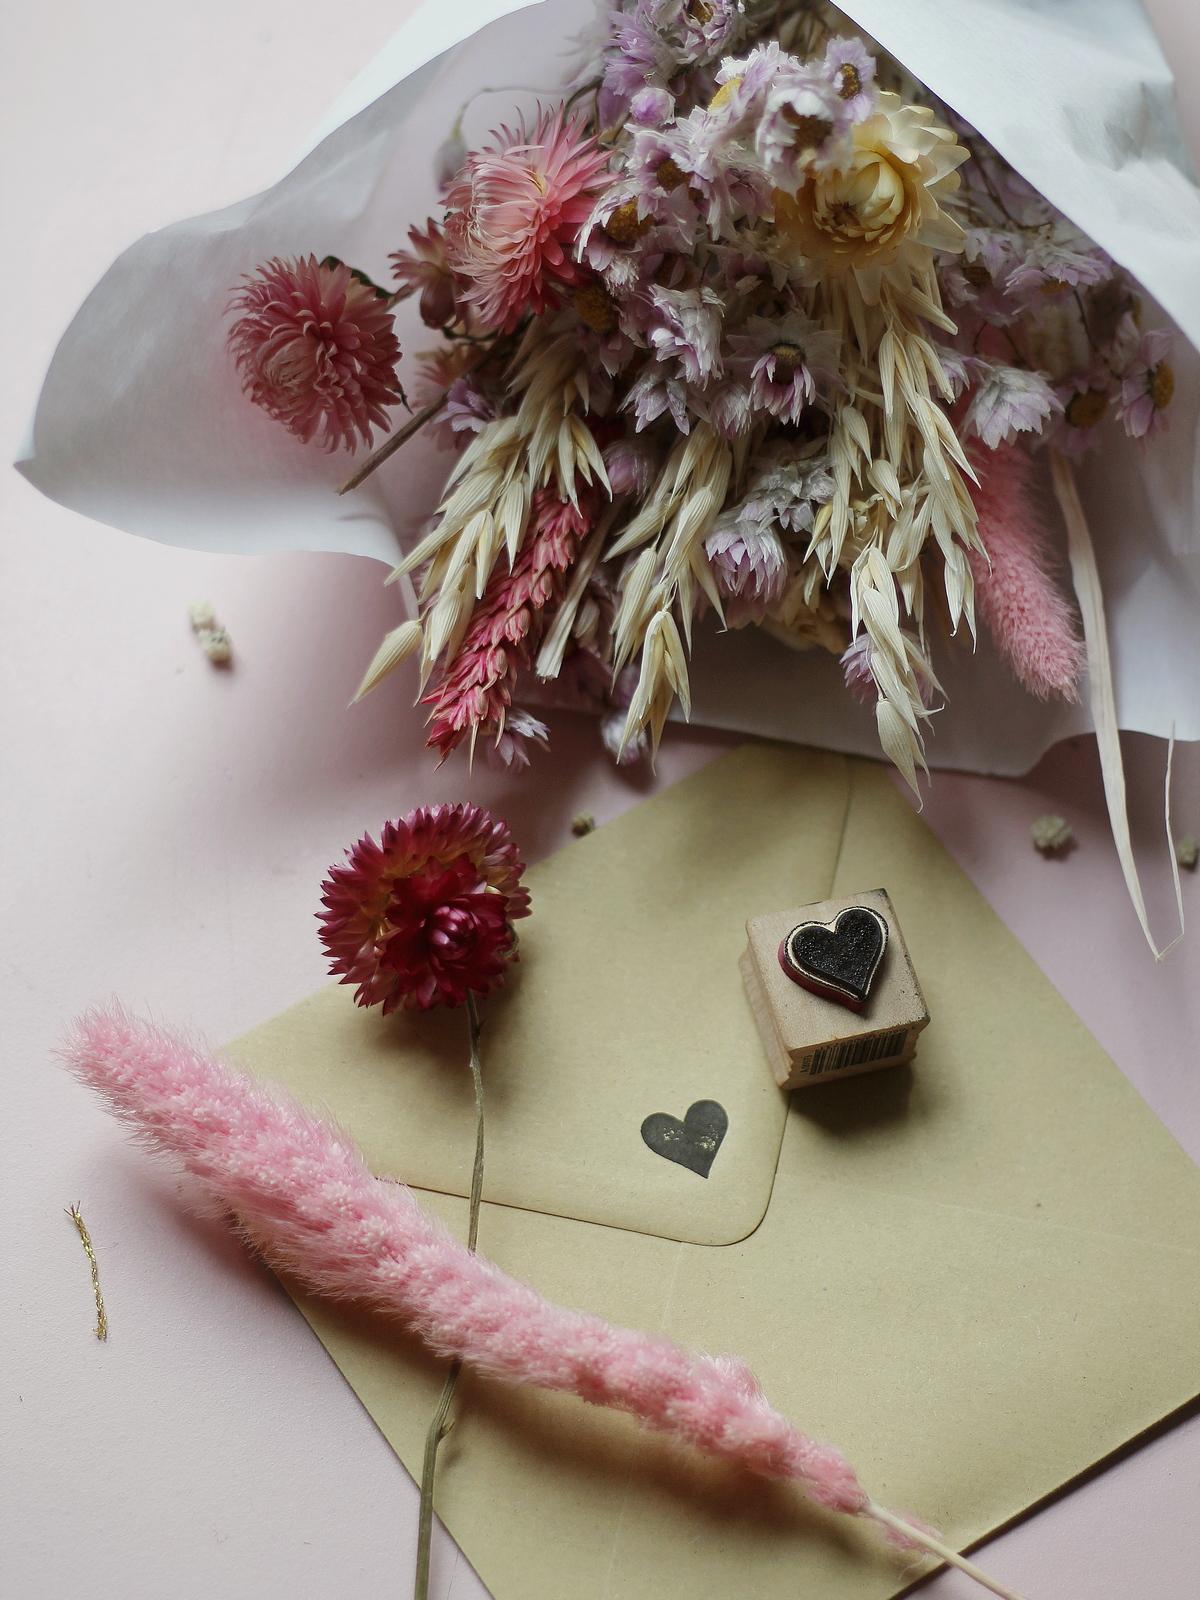 faire-part mariage champetre pas cher - popcarte - du style madame - chic - original - tendance - enveloppe kraft - tampon coeur